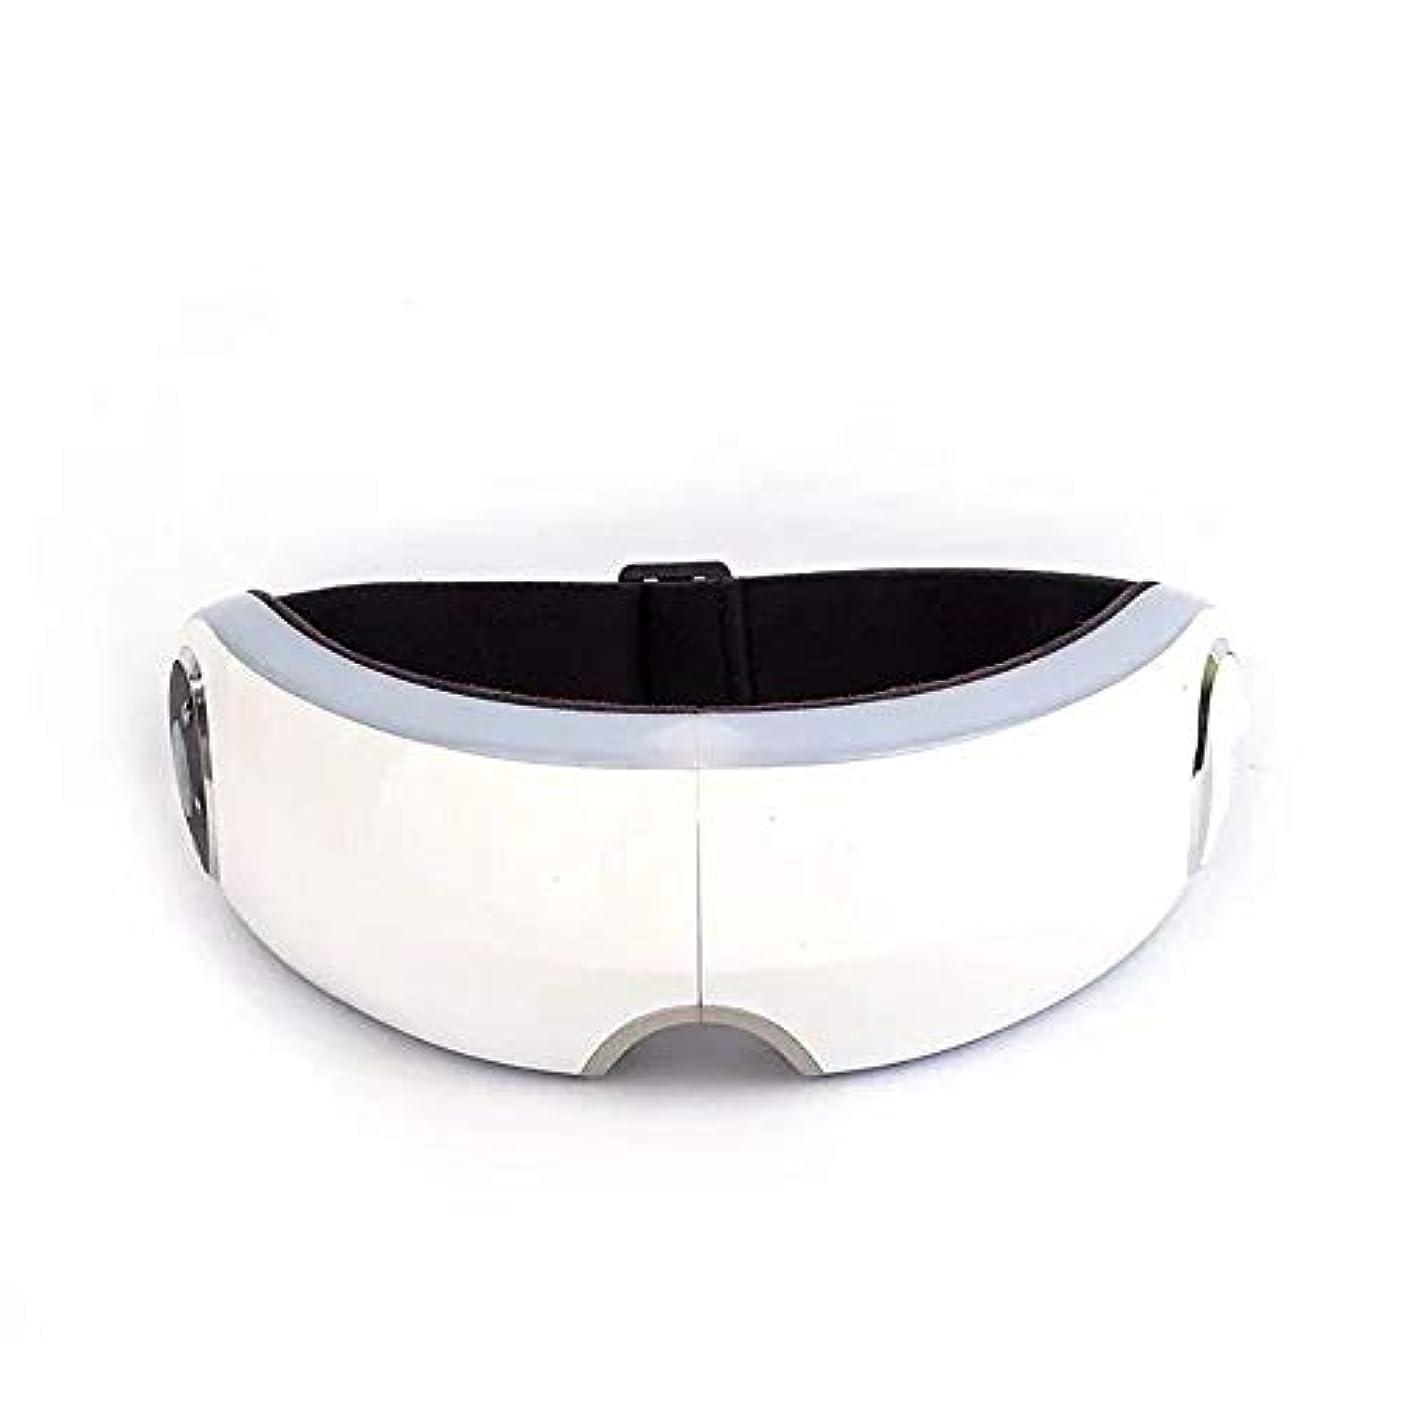 泣くいたずらな世辞Yu 女性のファッションアイマッサージャー充電式アイプロテクタービジョントレーナー高品質アイプロテクタースマートマッサージャー うまく設計された